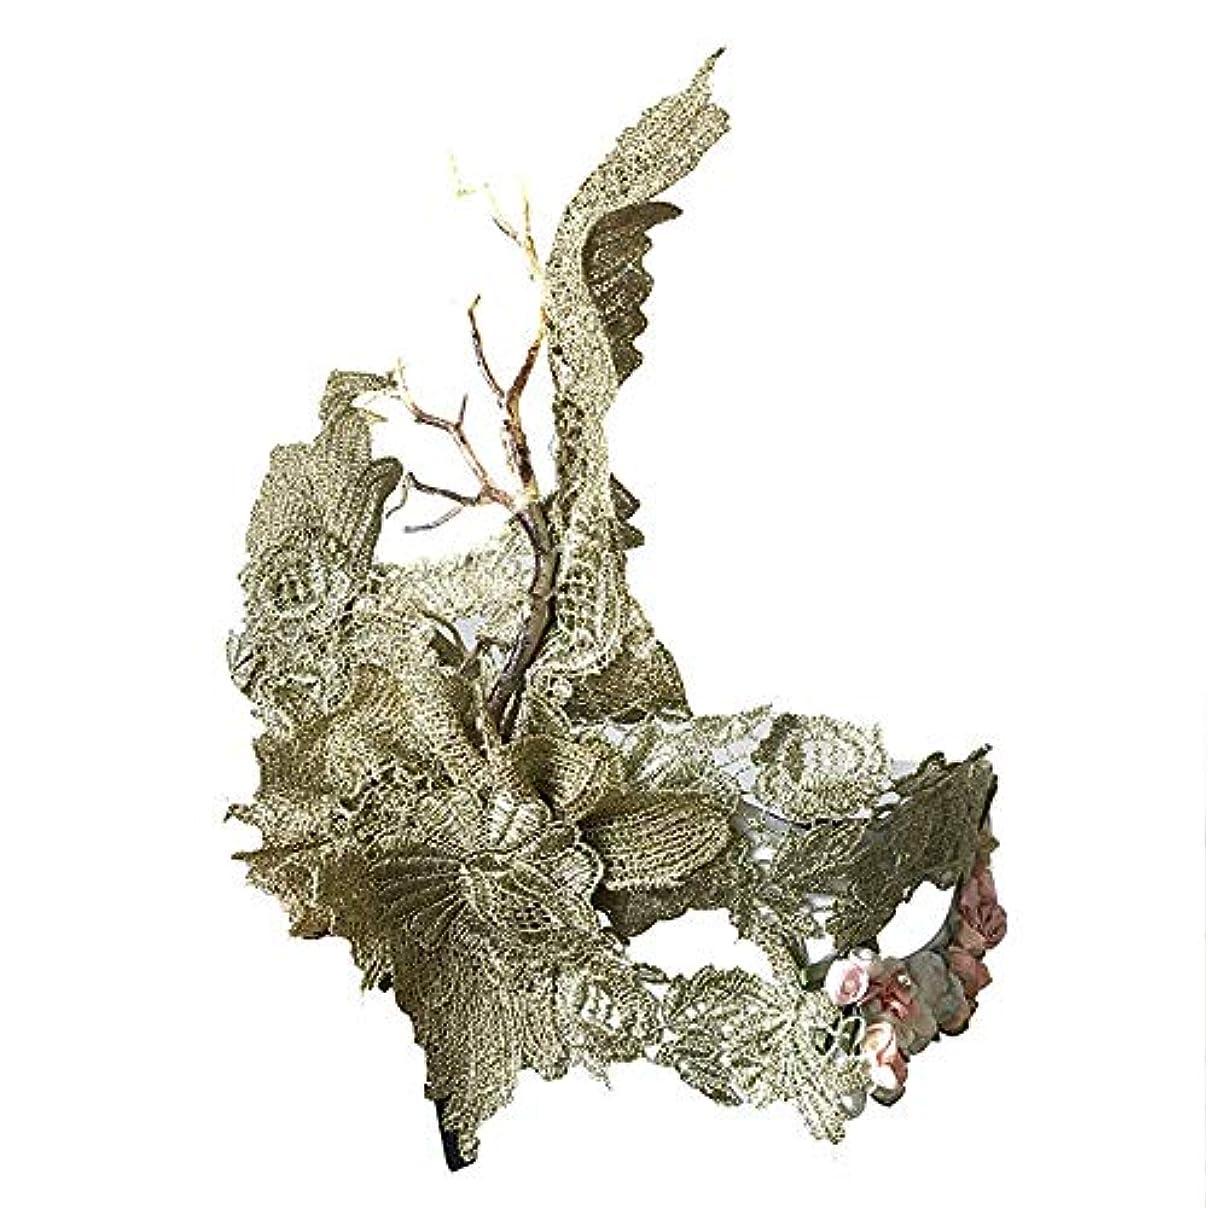 含む多様体太陽Nanle ハロウィーン手刺繍乾燥ブランチマスク仮装マスクレディミスプリンセス美容祭パーティー装飾マスク